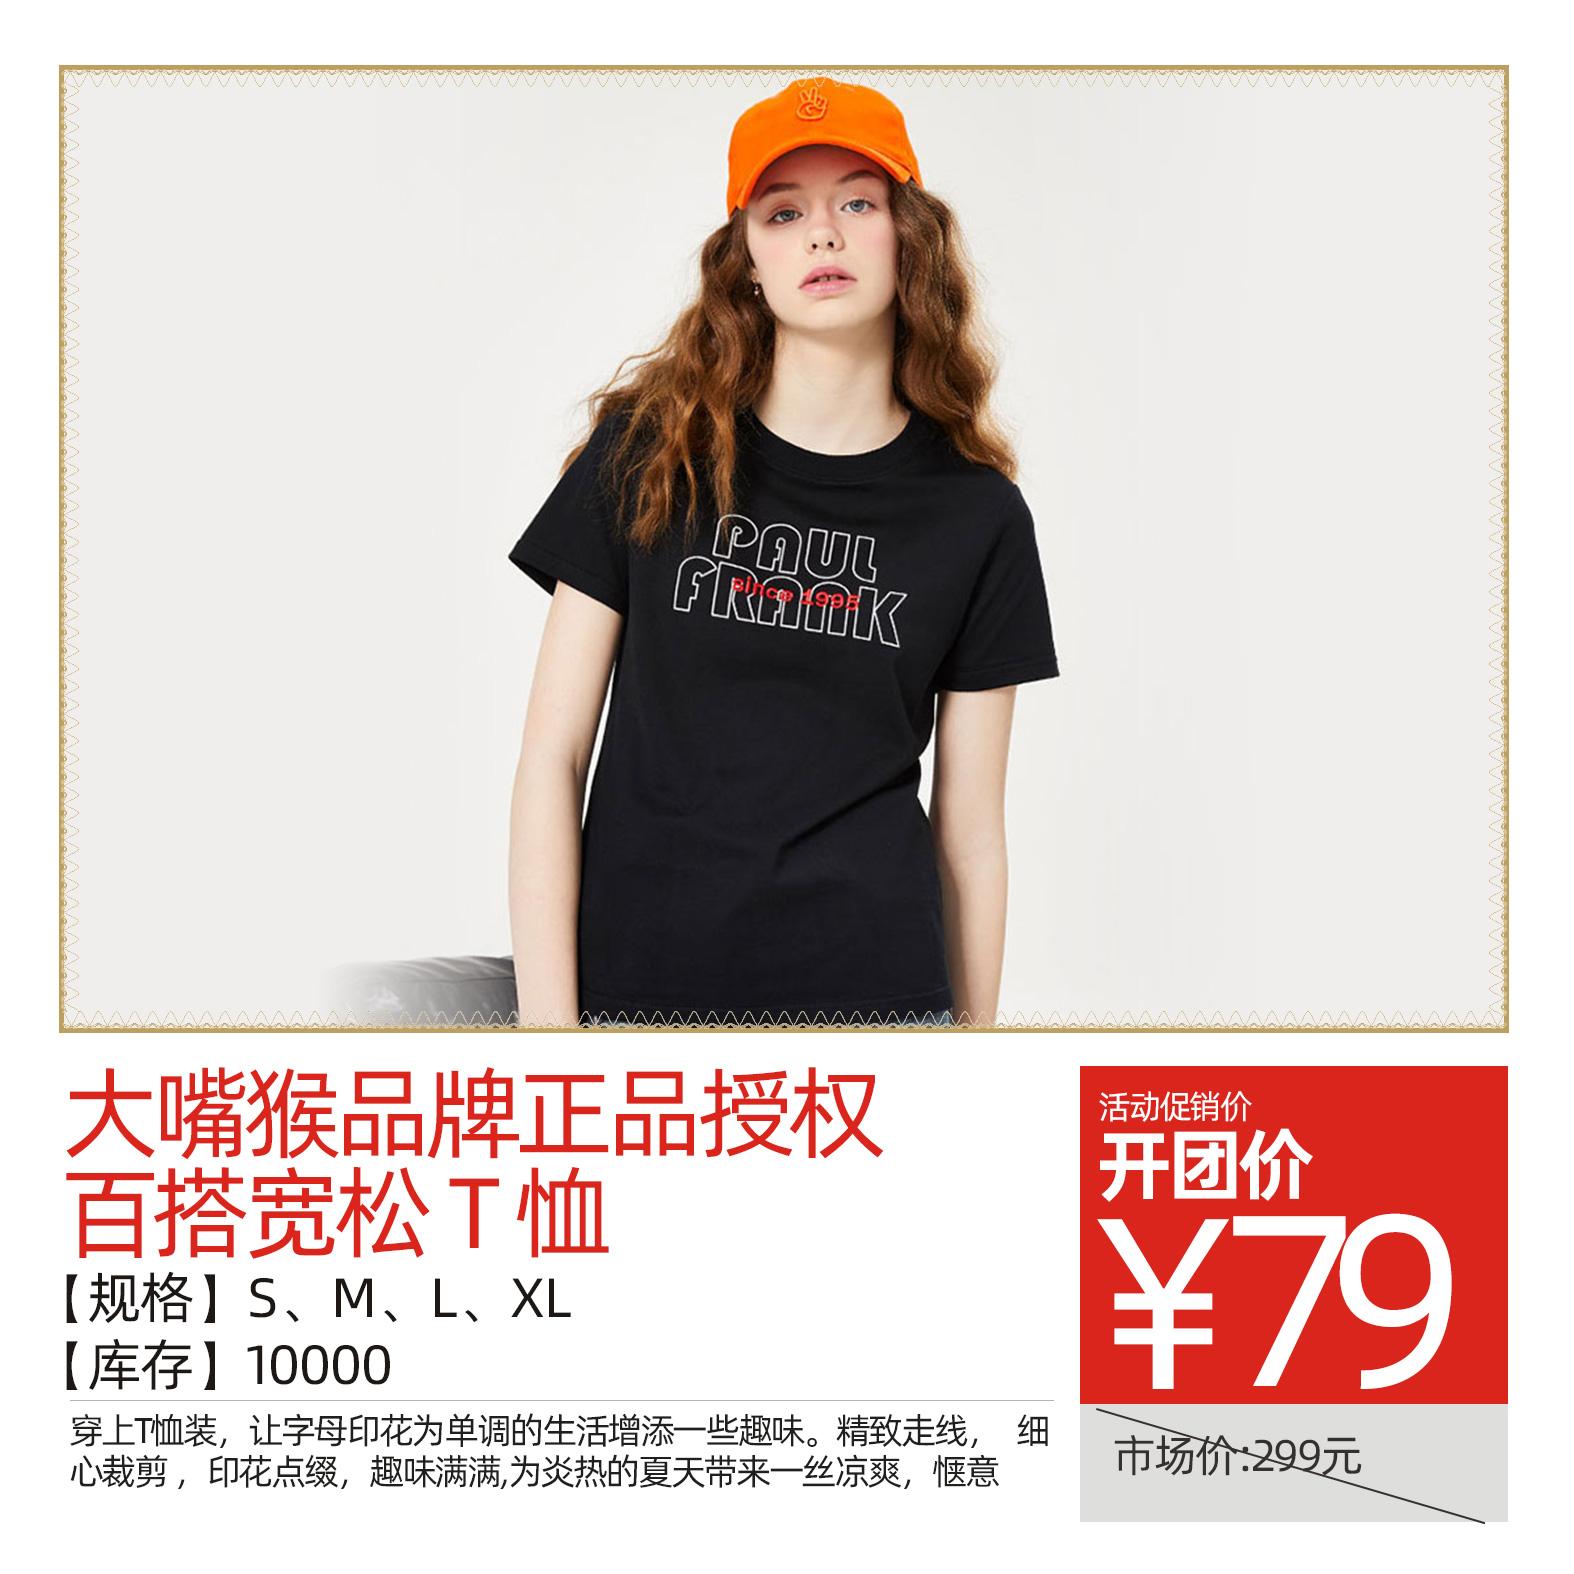 大嘴猴品牌正品授权百搭宽松T恤S、M、L、XL